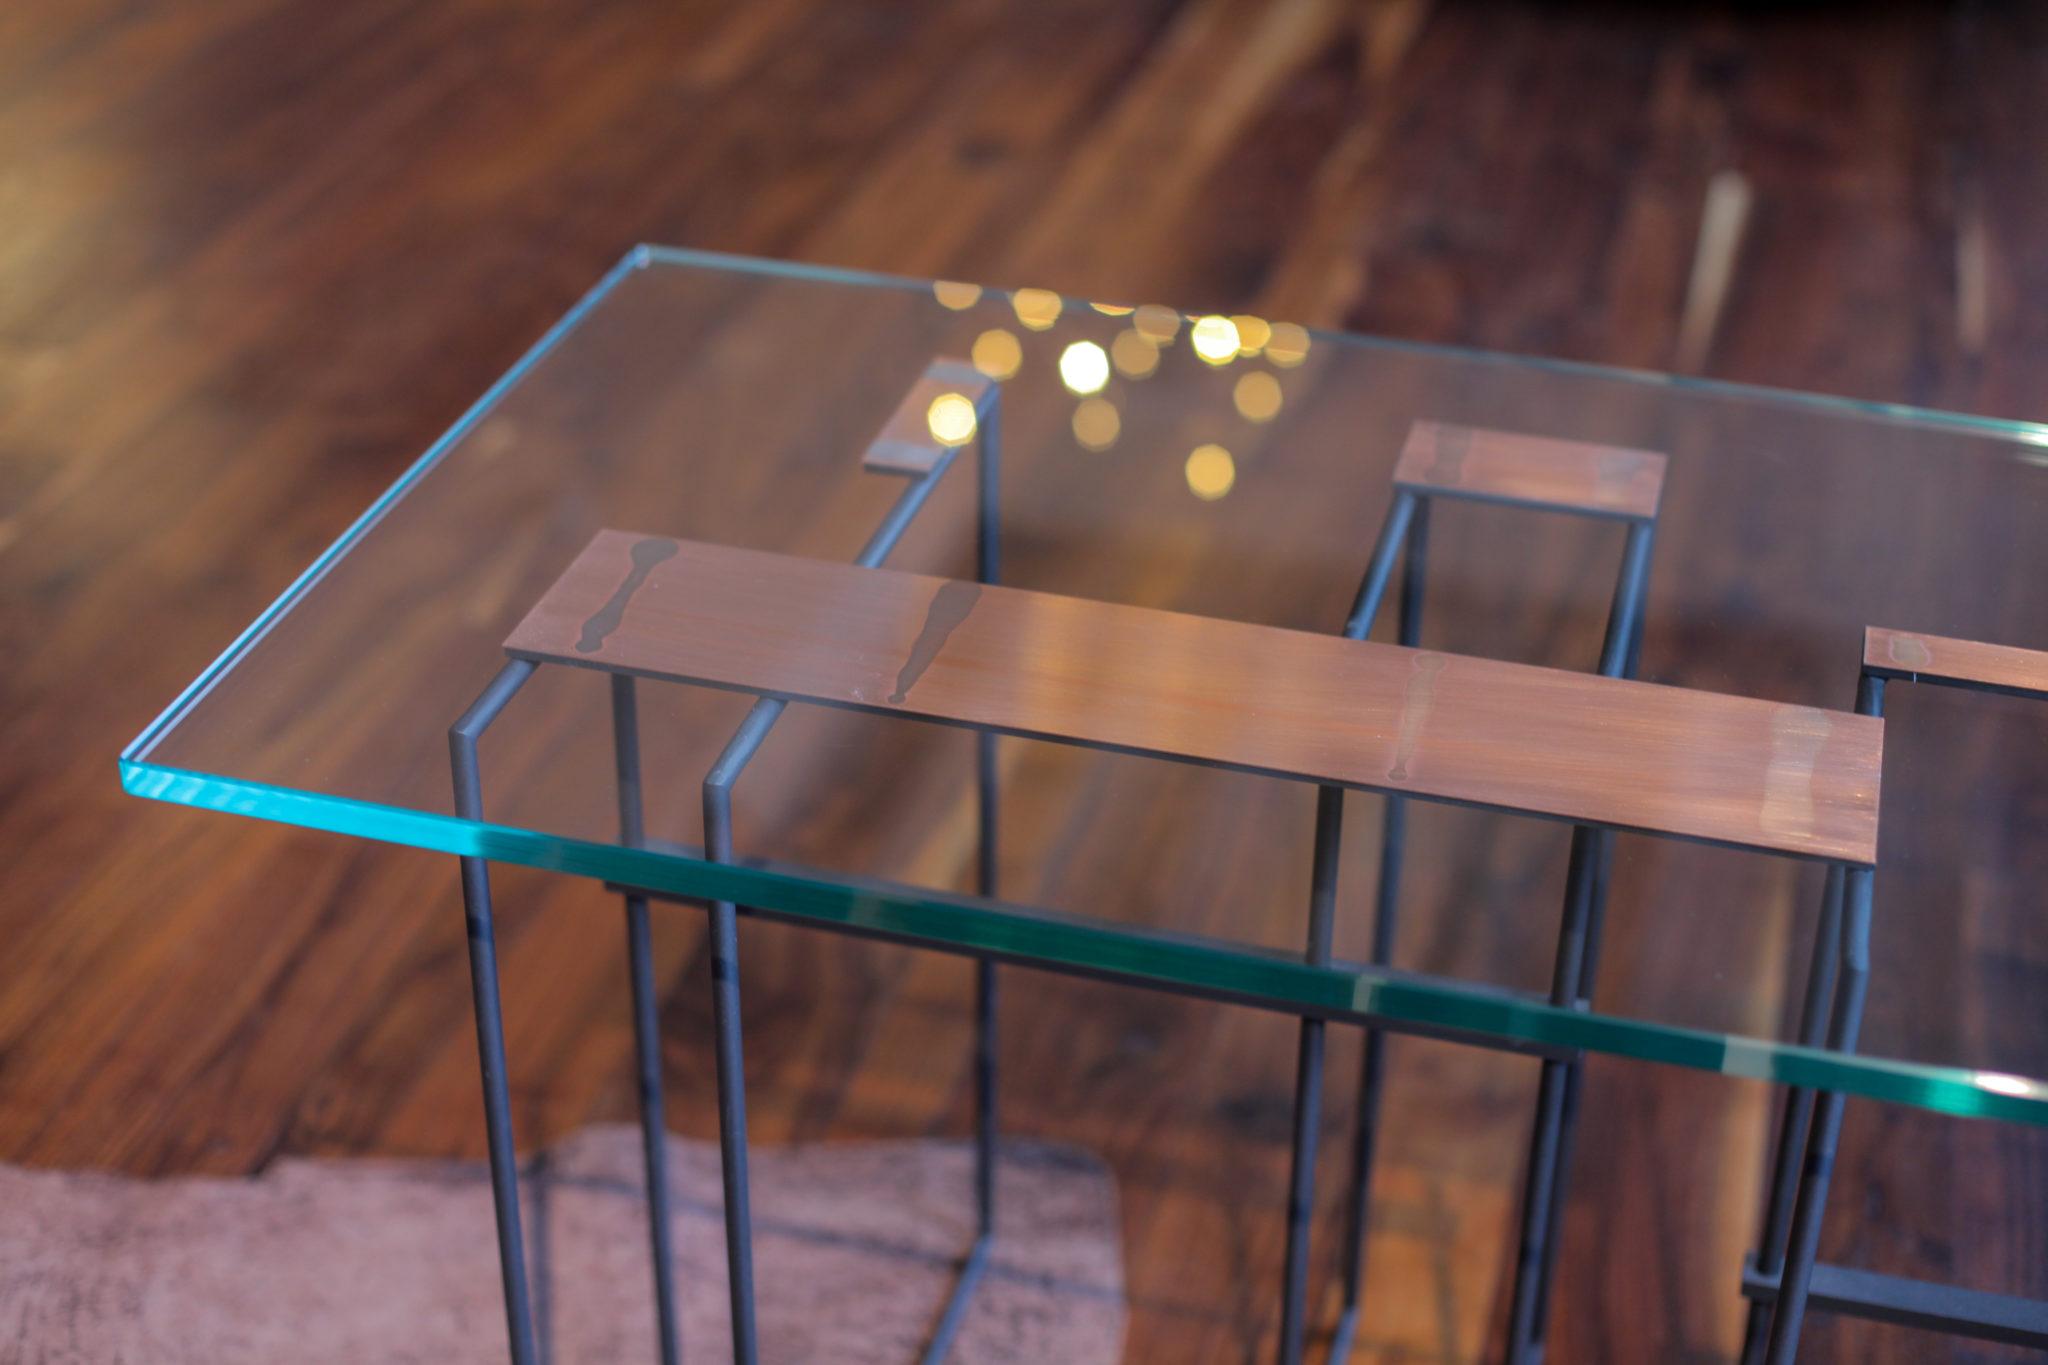 Szklany stolik z miedzianymi elementami na drewnianej podłodze